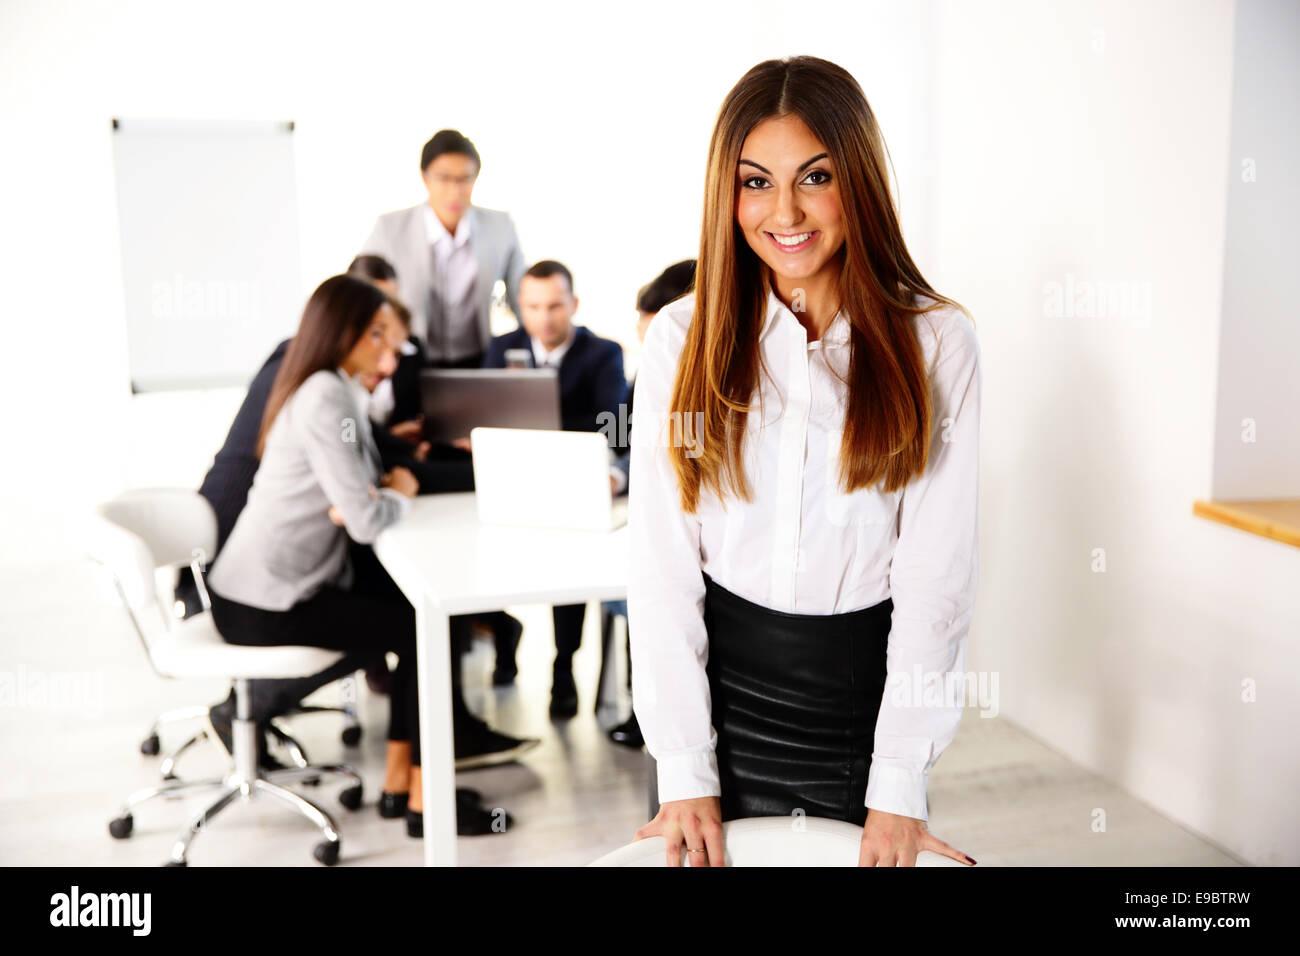 Porträt von glücklich Geschäftsfrau vor Business-meeting Stockbild